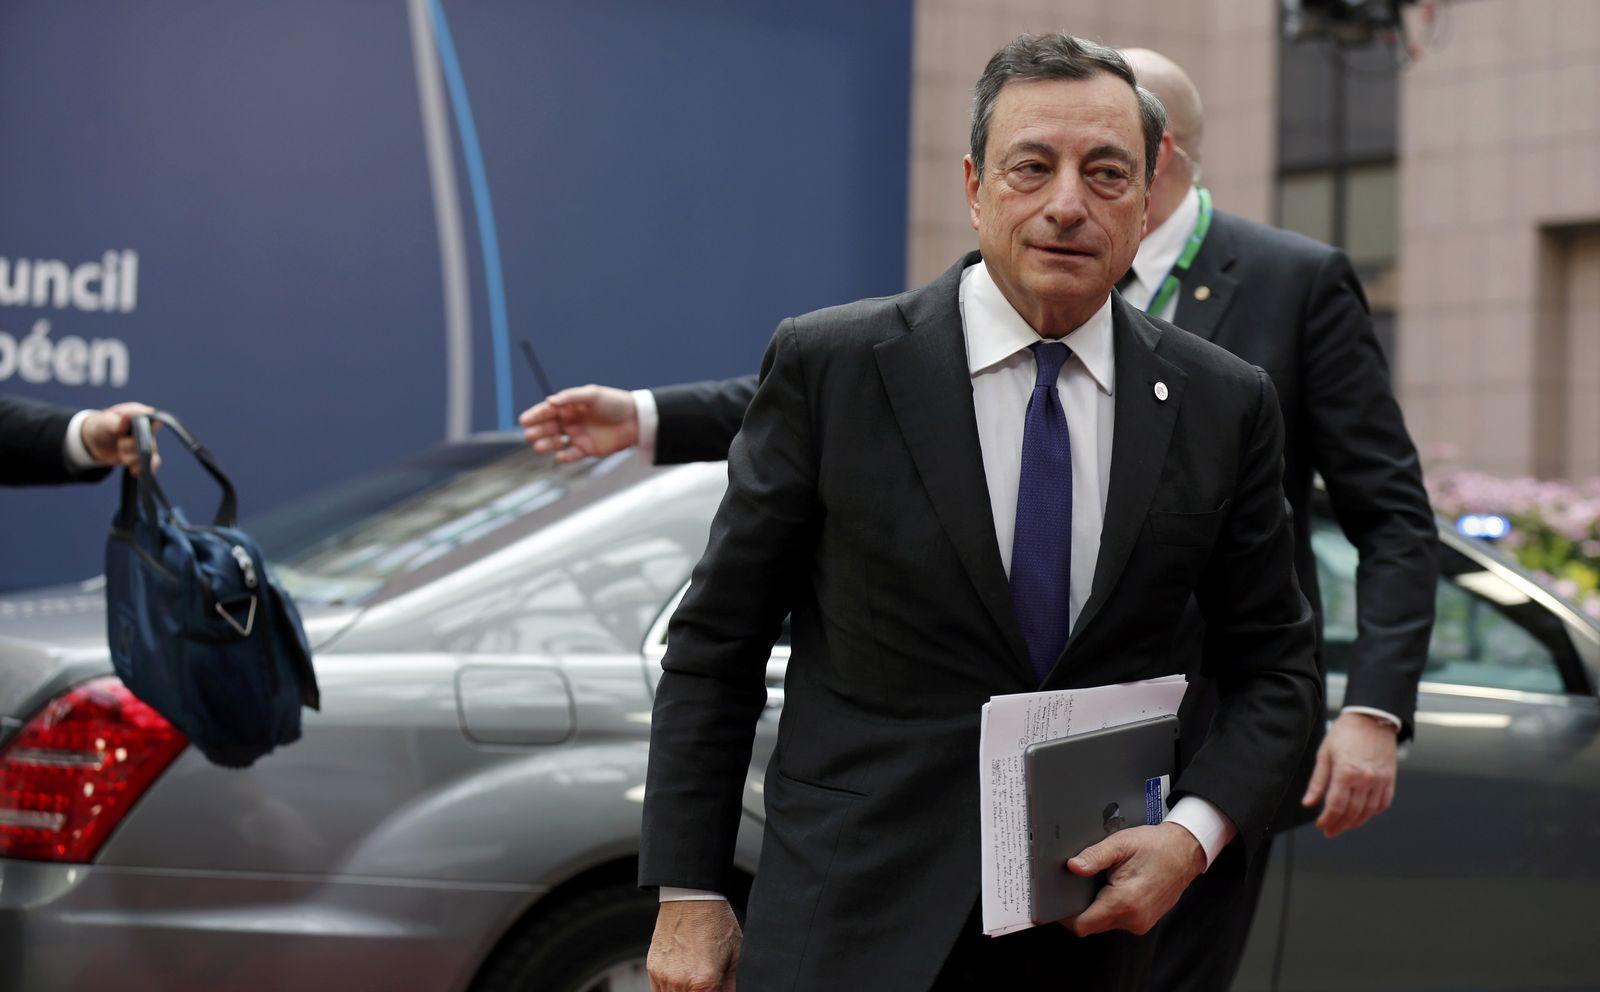 Mario Draghi / Brexit